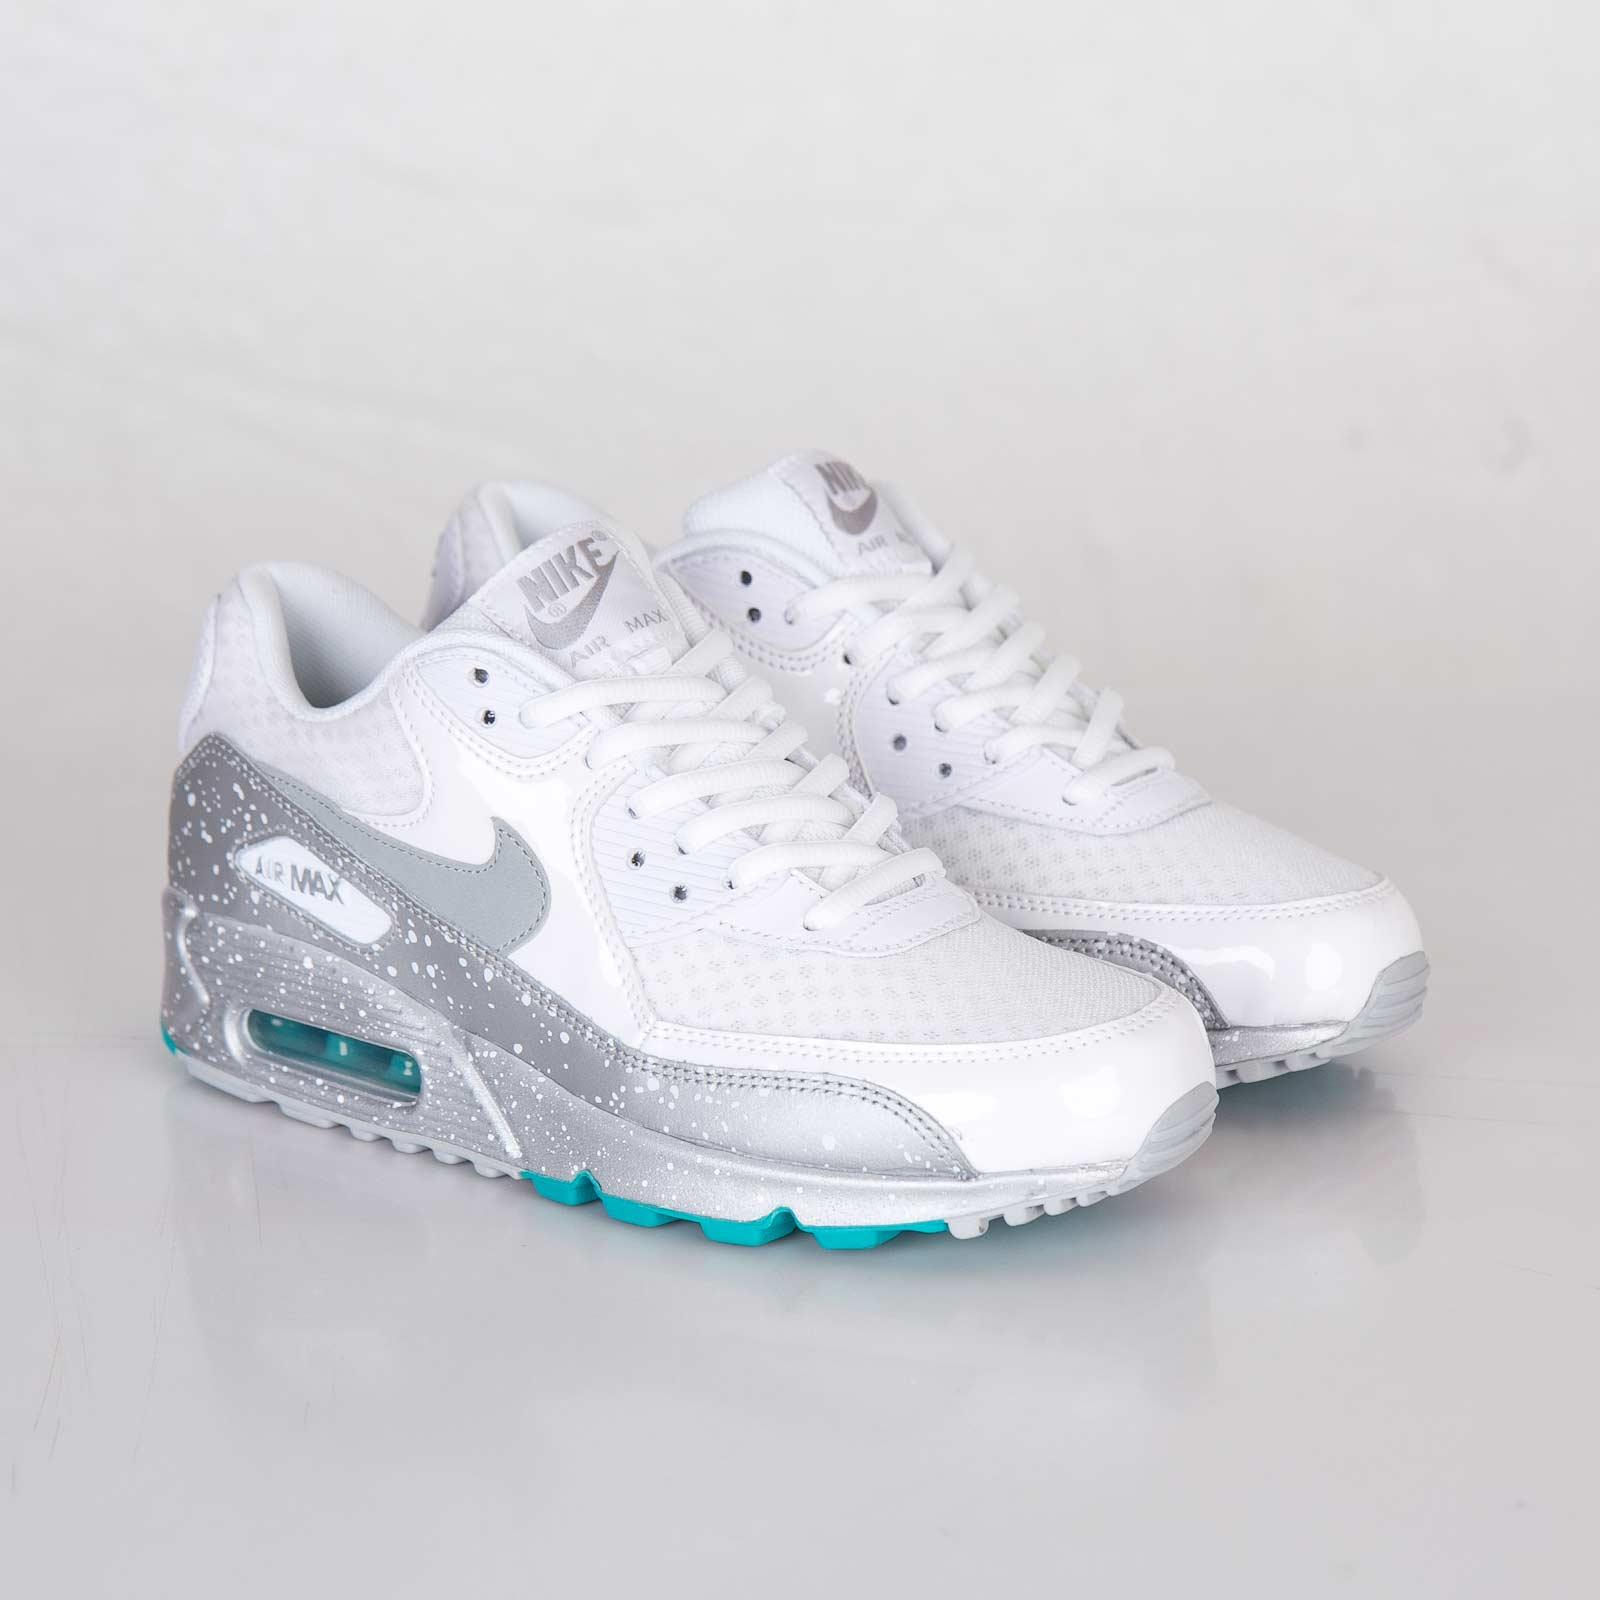 fc6460aa Nike Wmns Air Max 90 - 325213-125 - Sneakersnstuff | sneakers ...